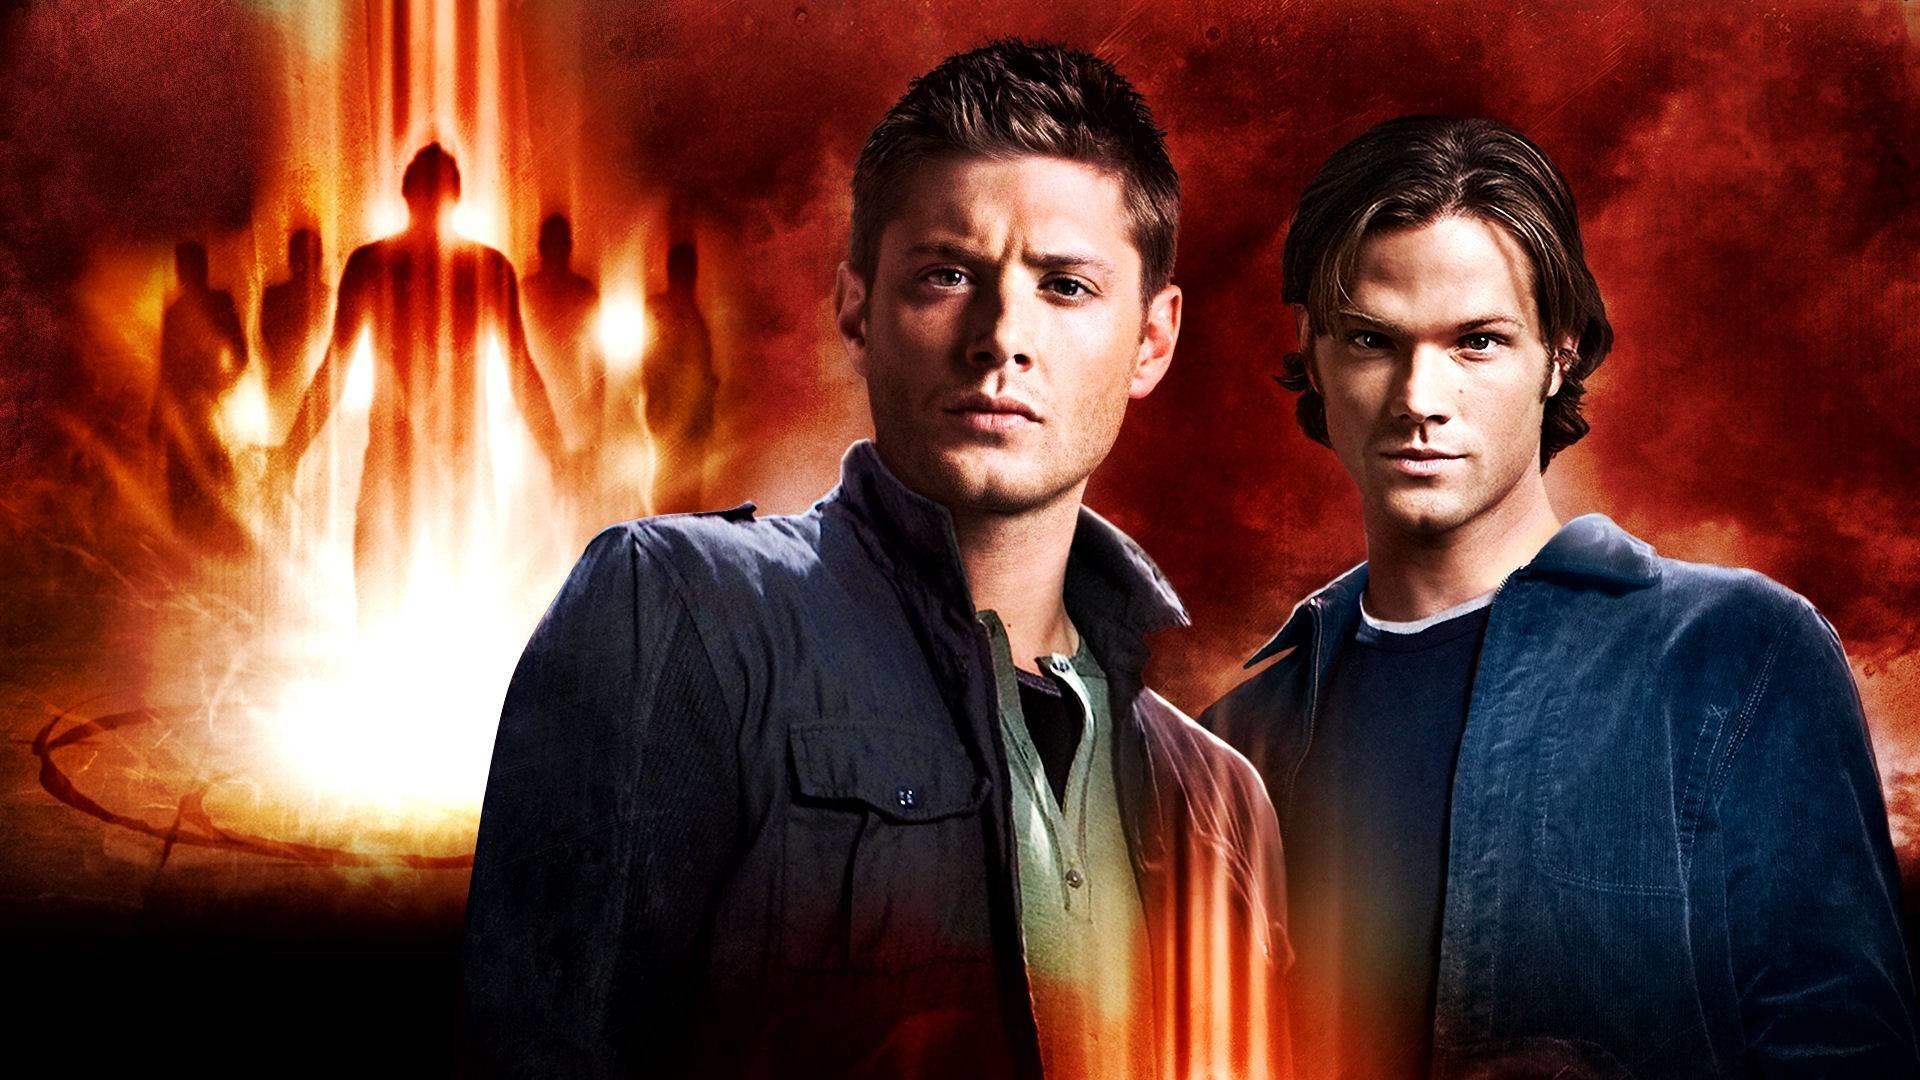 Supernatural Full HD Wallpaper